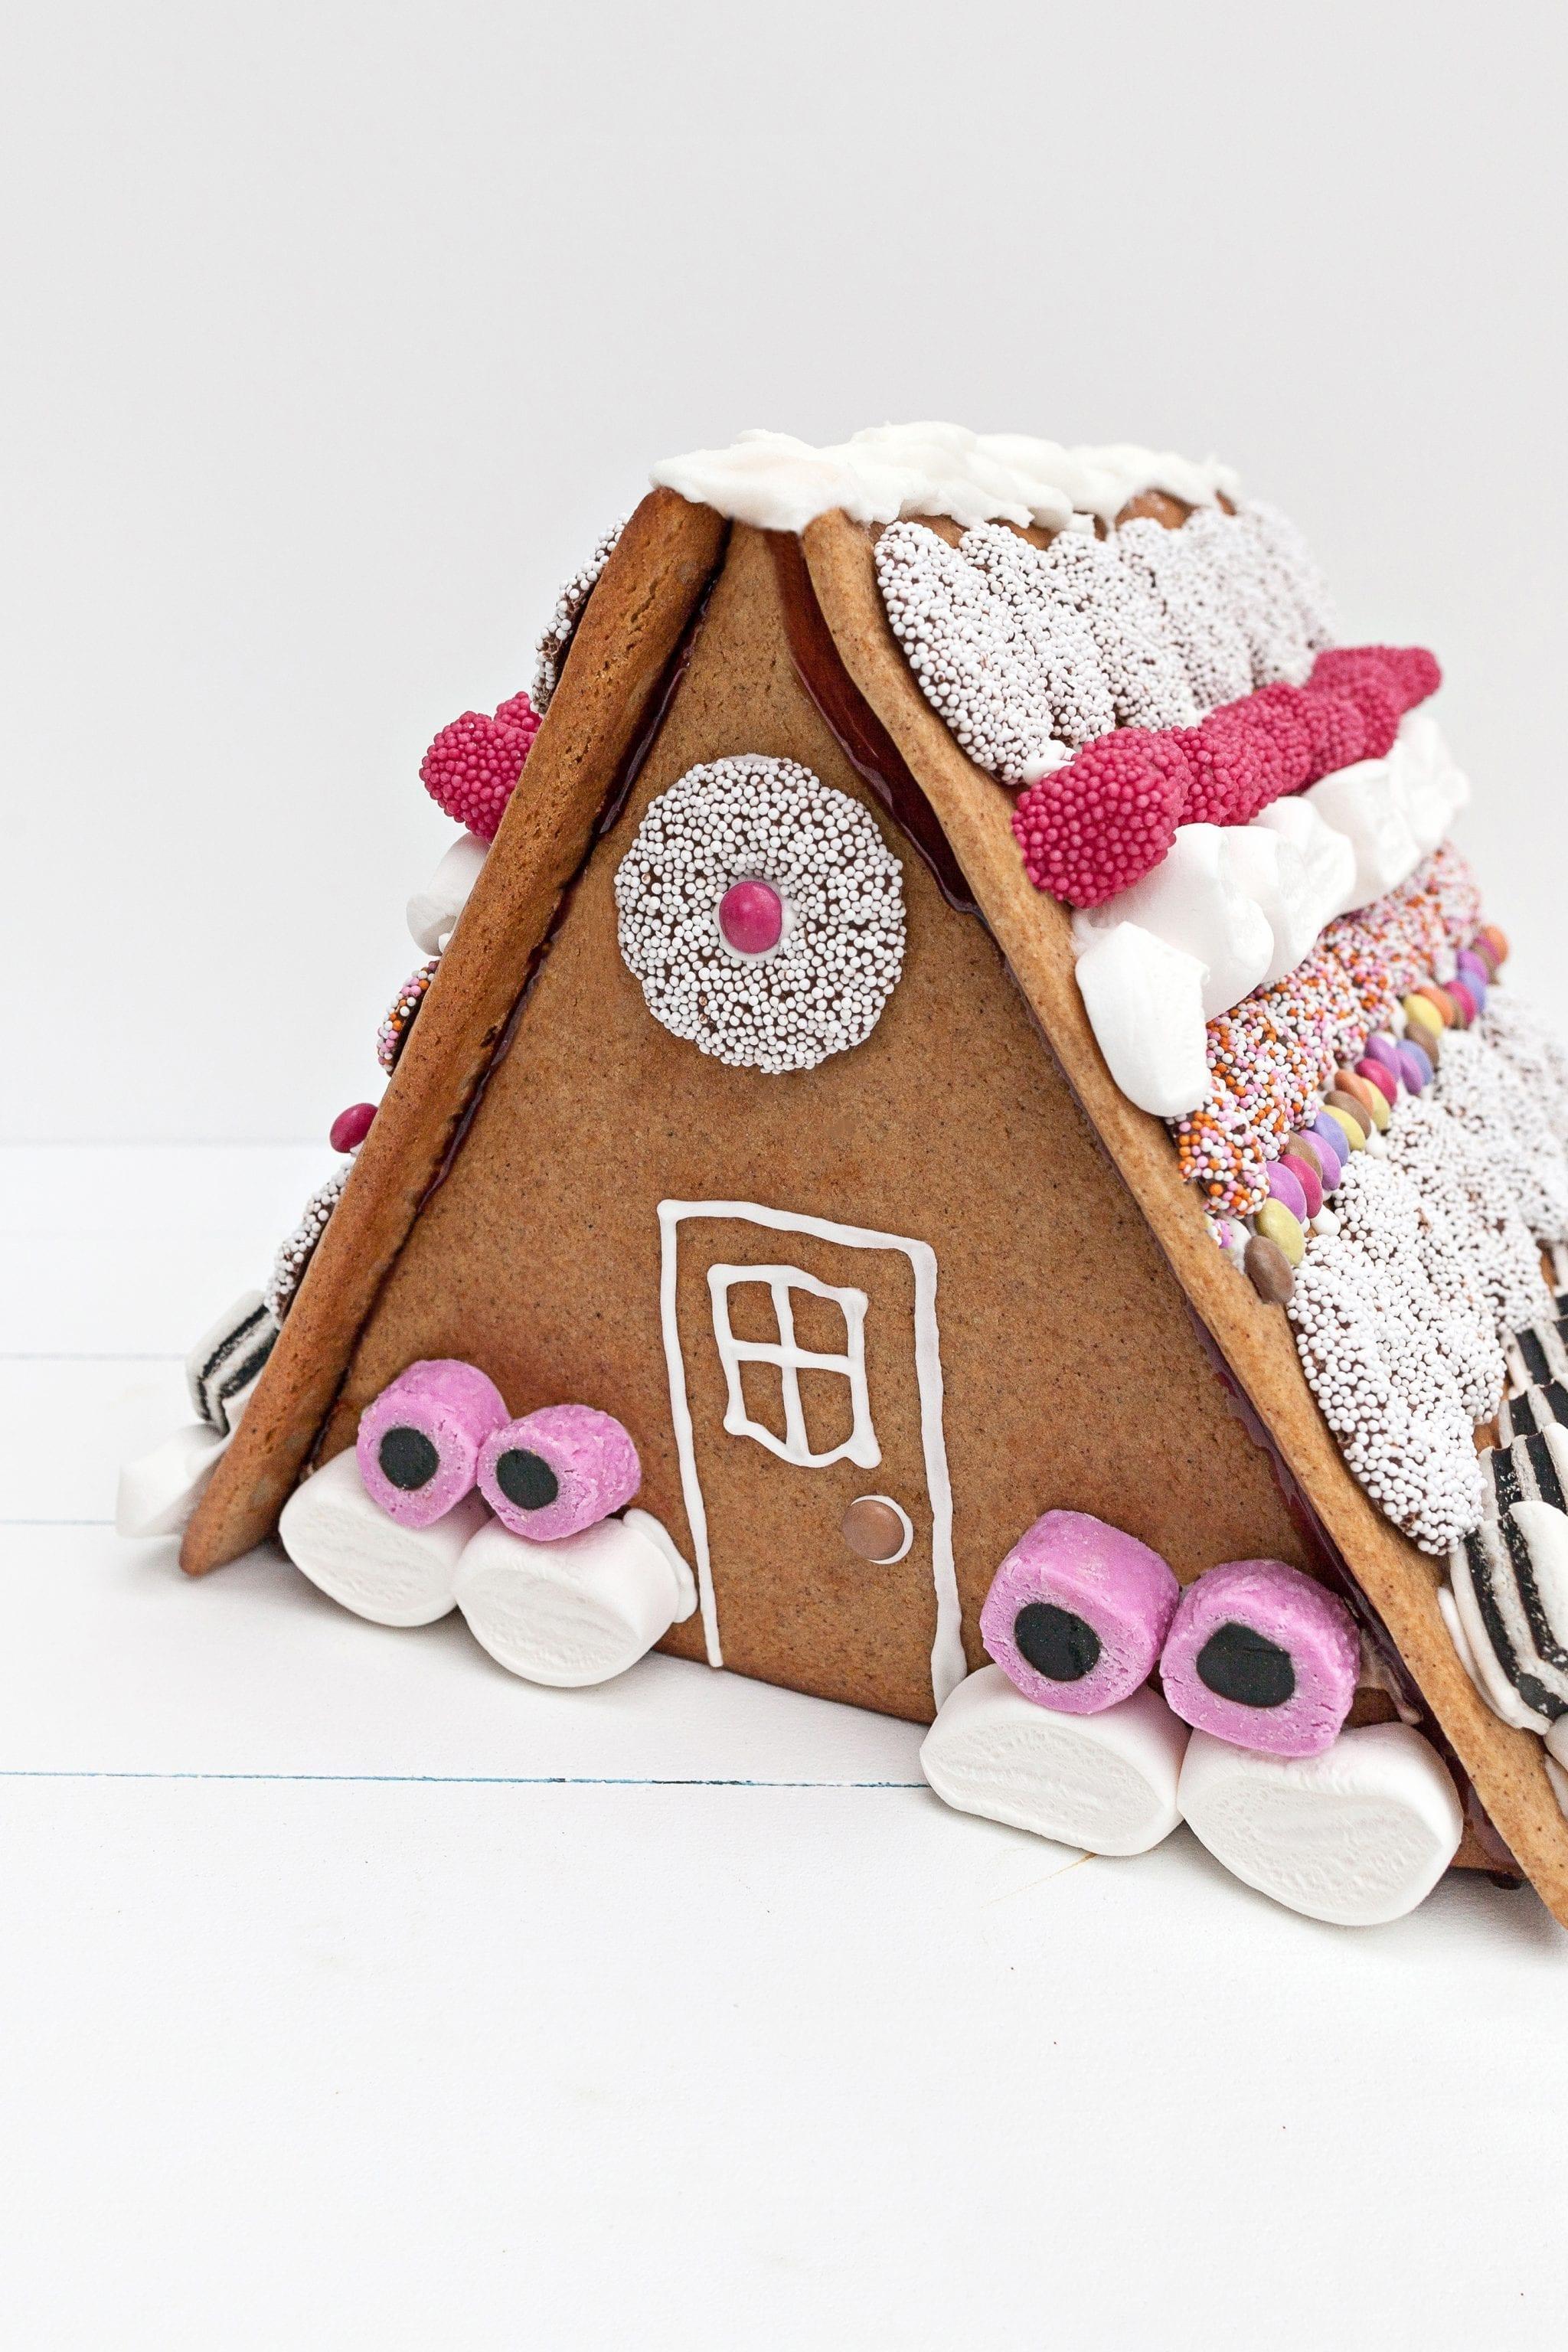 homemade scandinavian gingerbread house food cookies baking christmas traditions norwegian picturelyspoken